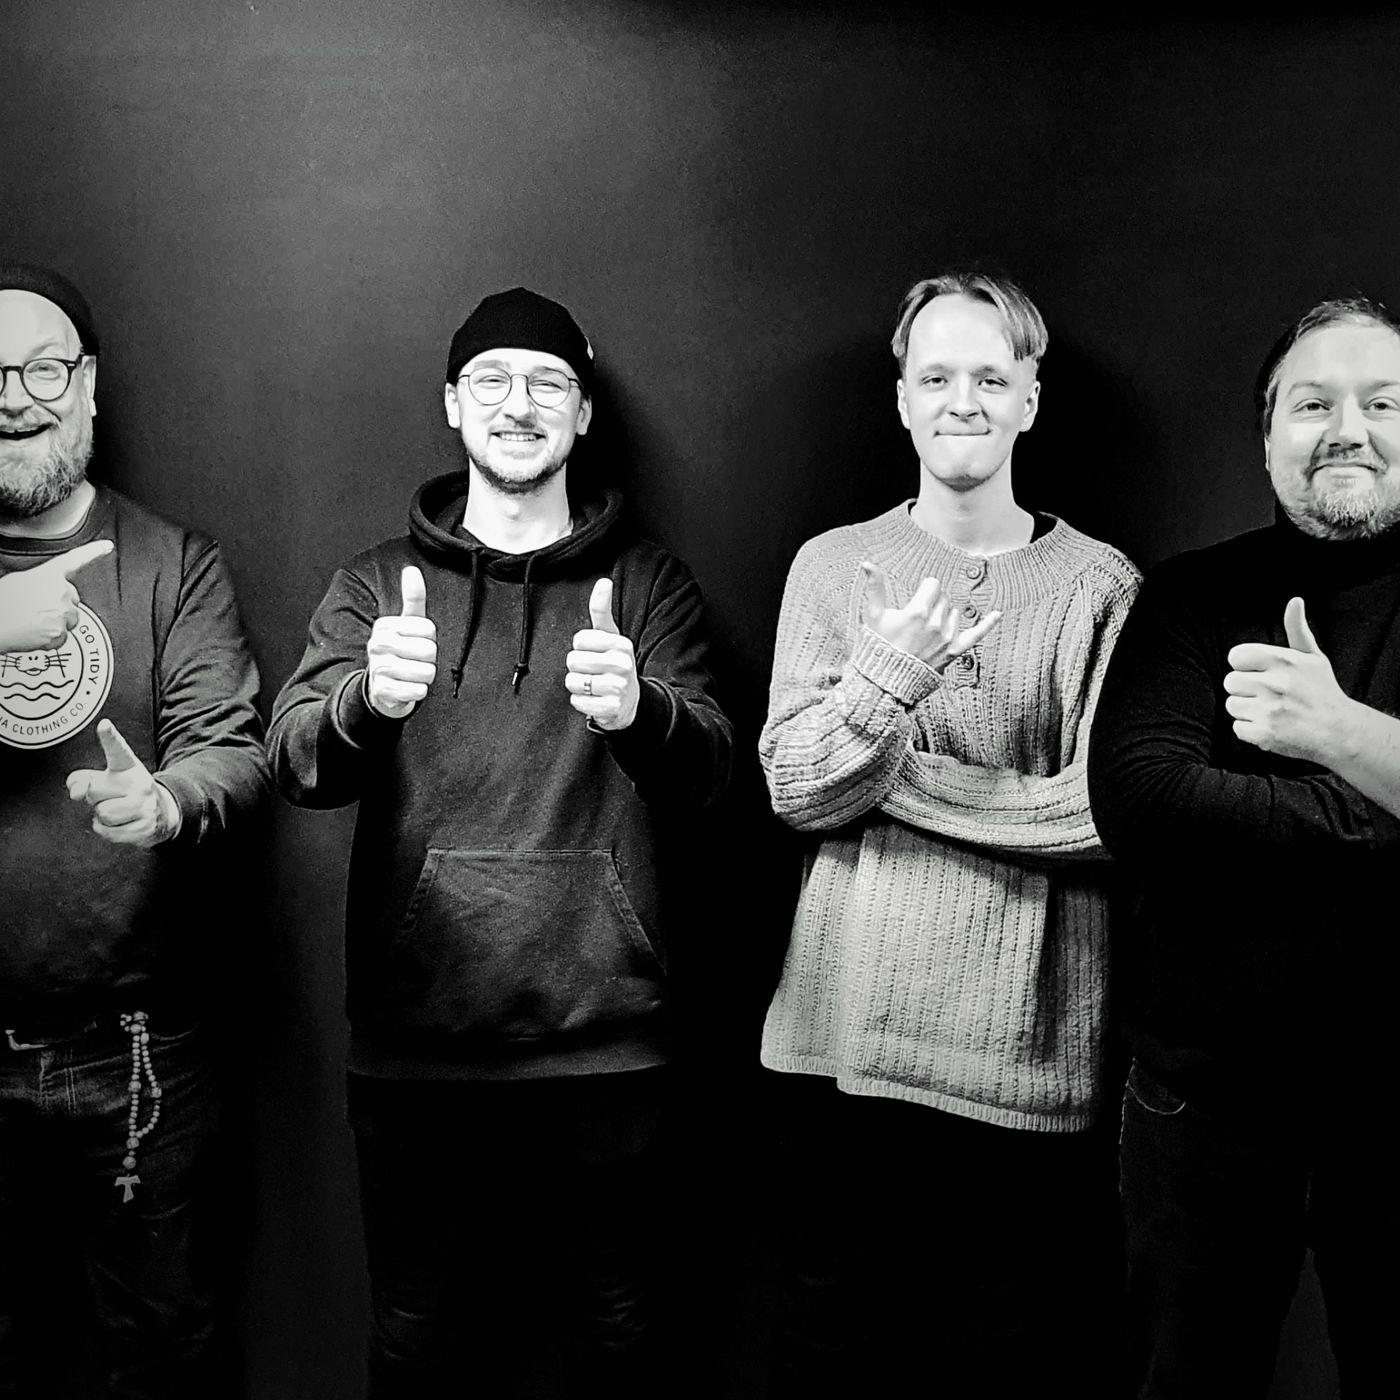 #81 - NNS räp/pop bändistä Jesse de Jong ja Tuomas Uusitalo